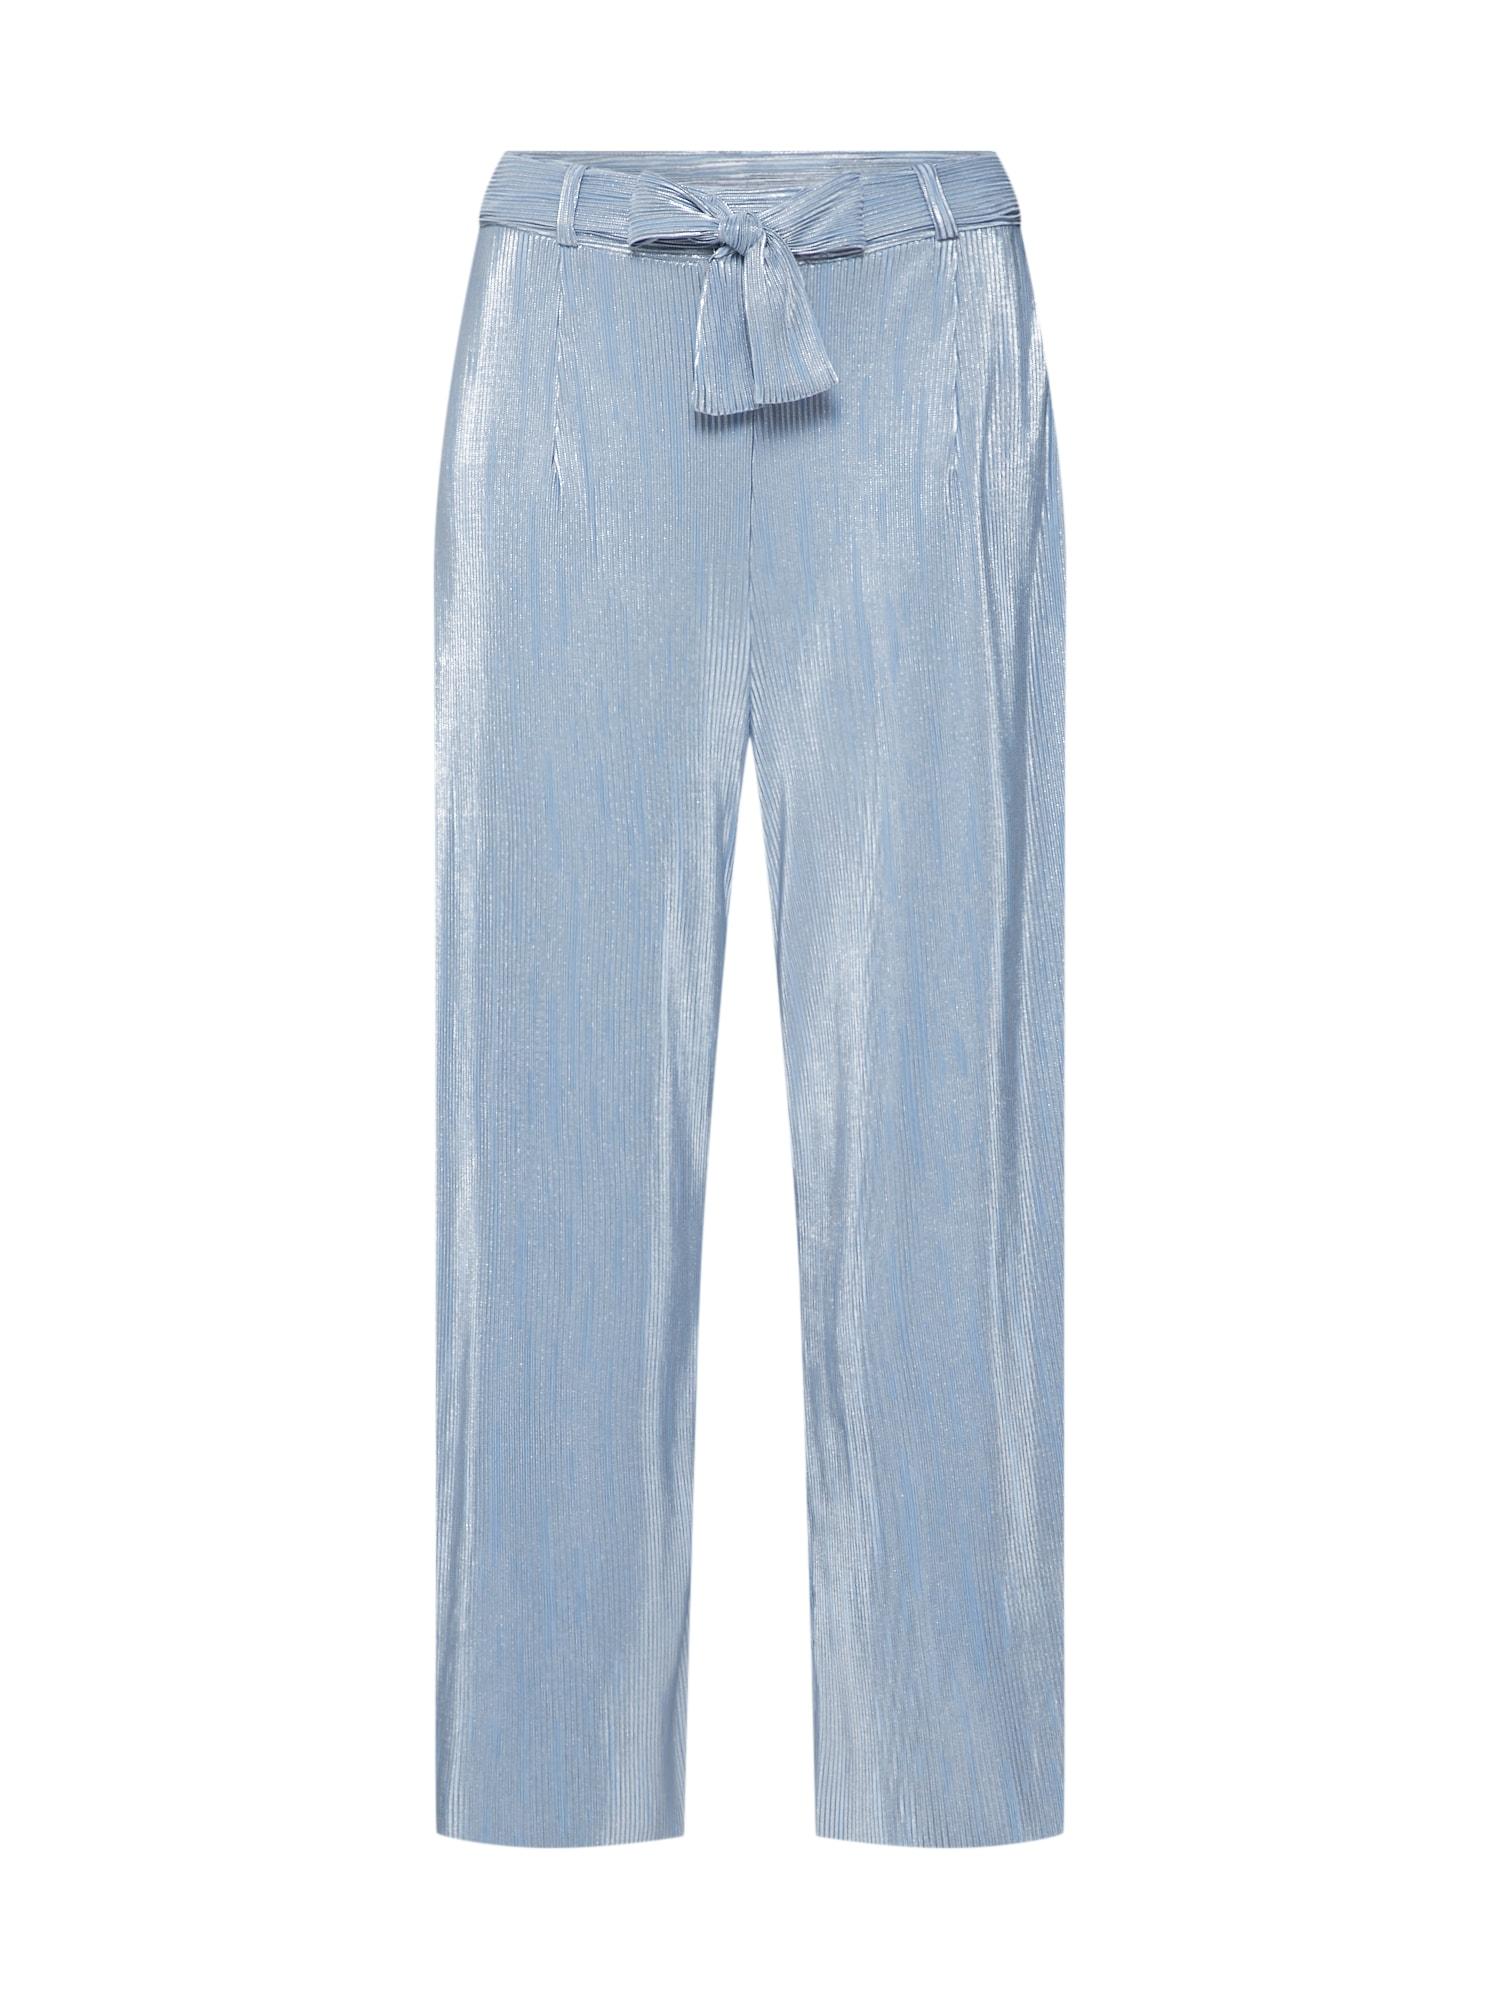 Kalhoty Rippled Party Trousers světlemodrá Pop Copenhagen